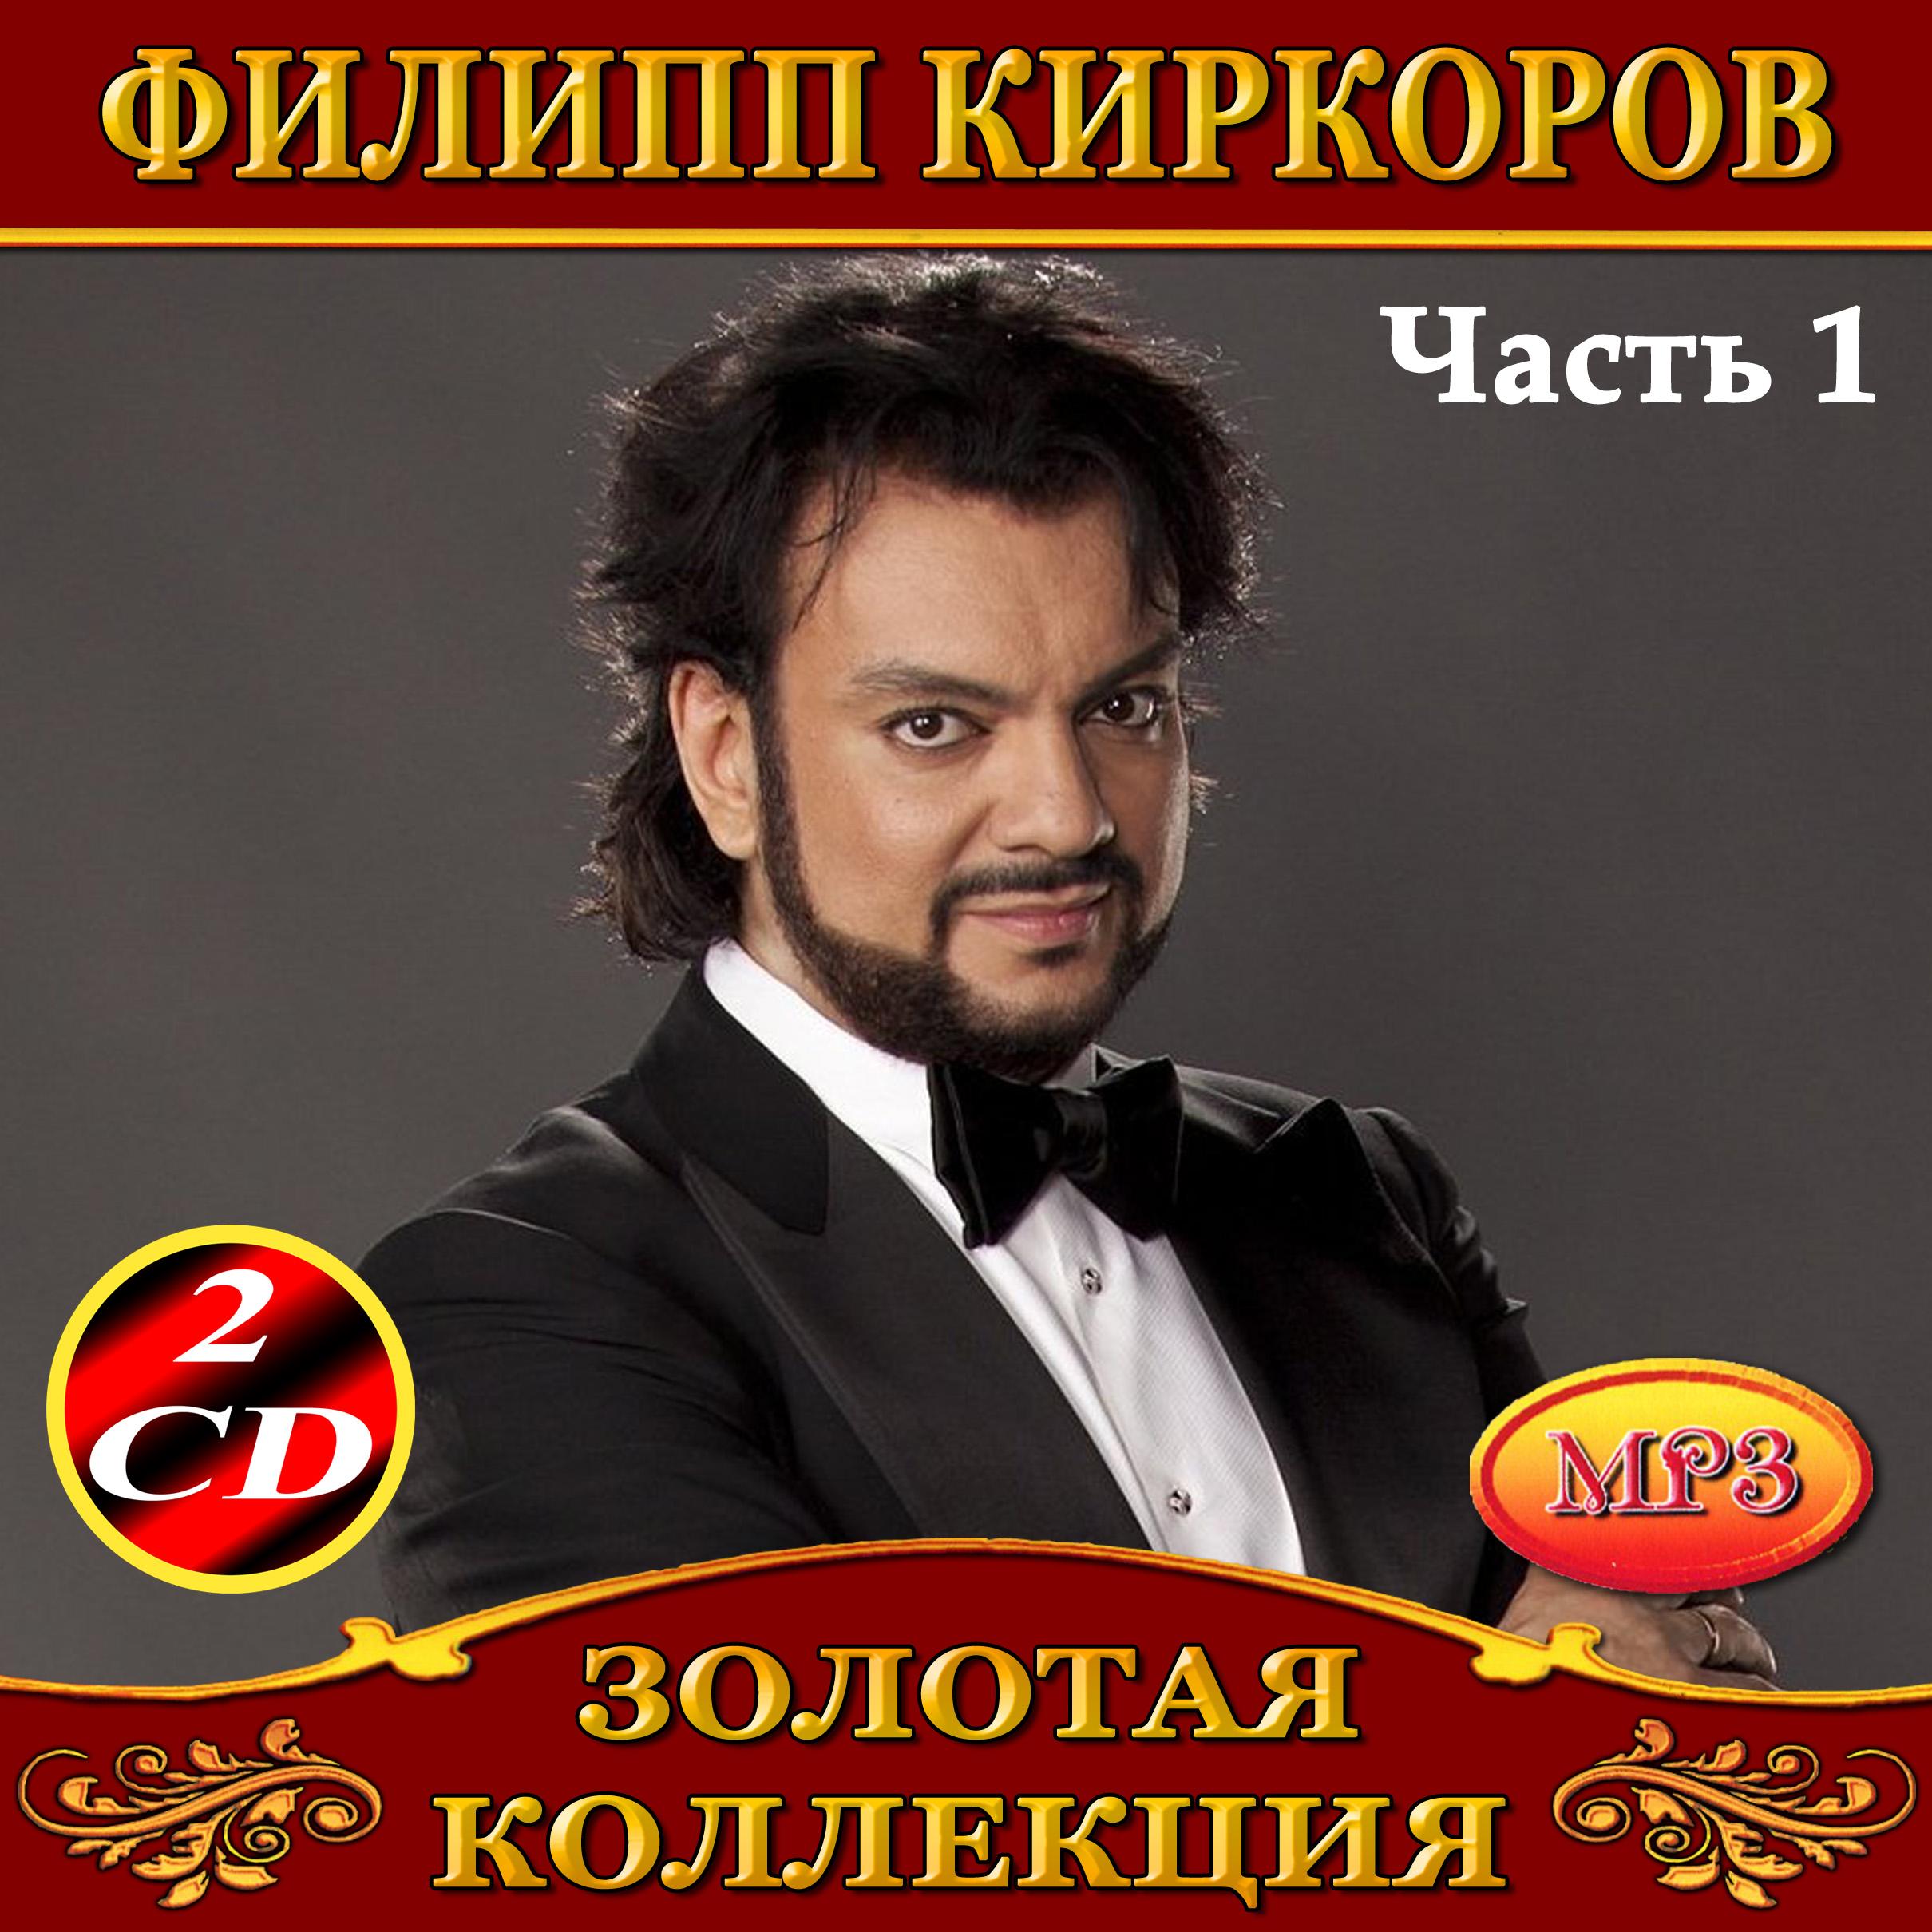 Филипп Киркоров 1ч 2cd [mp3]